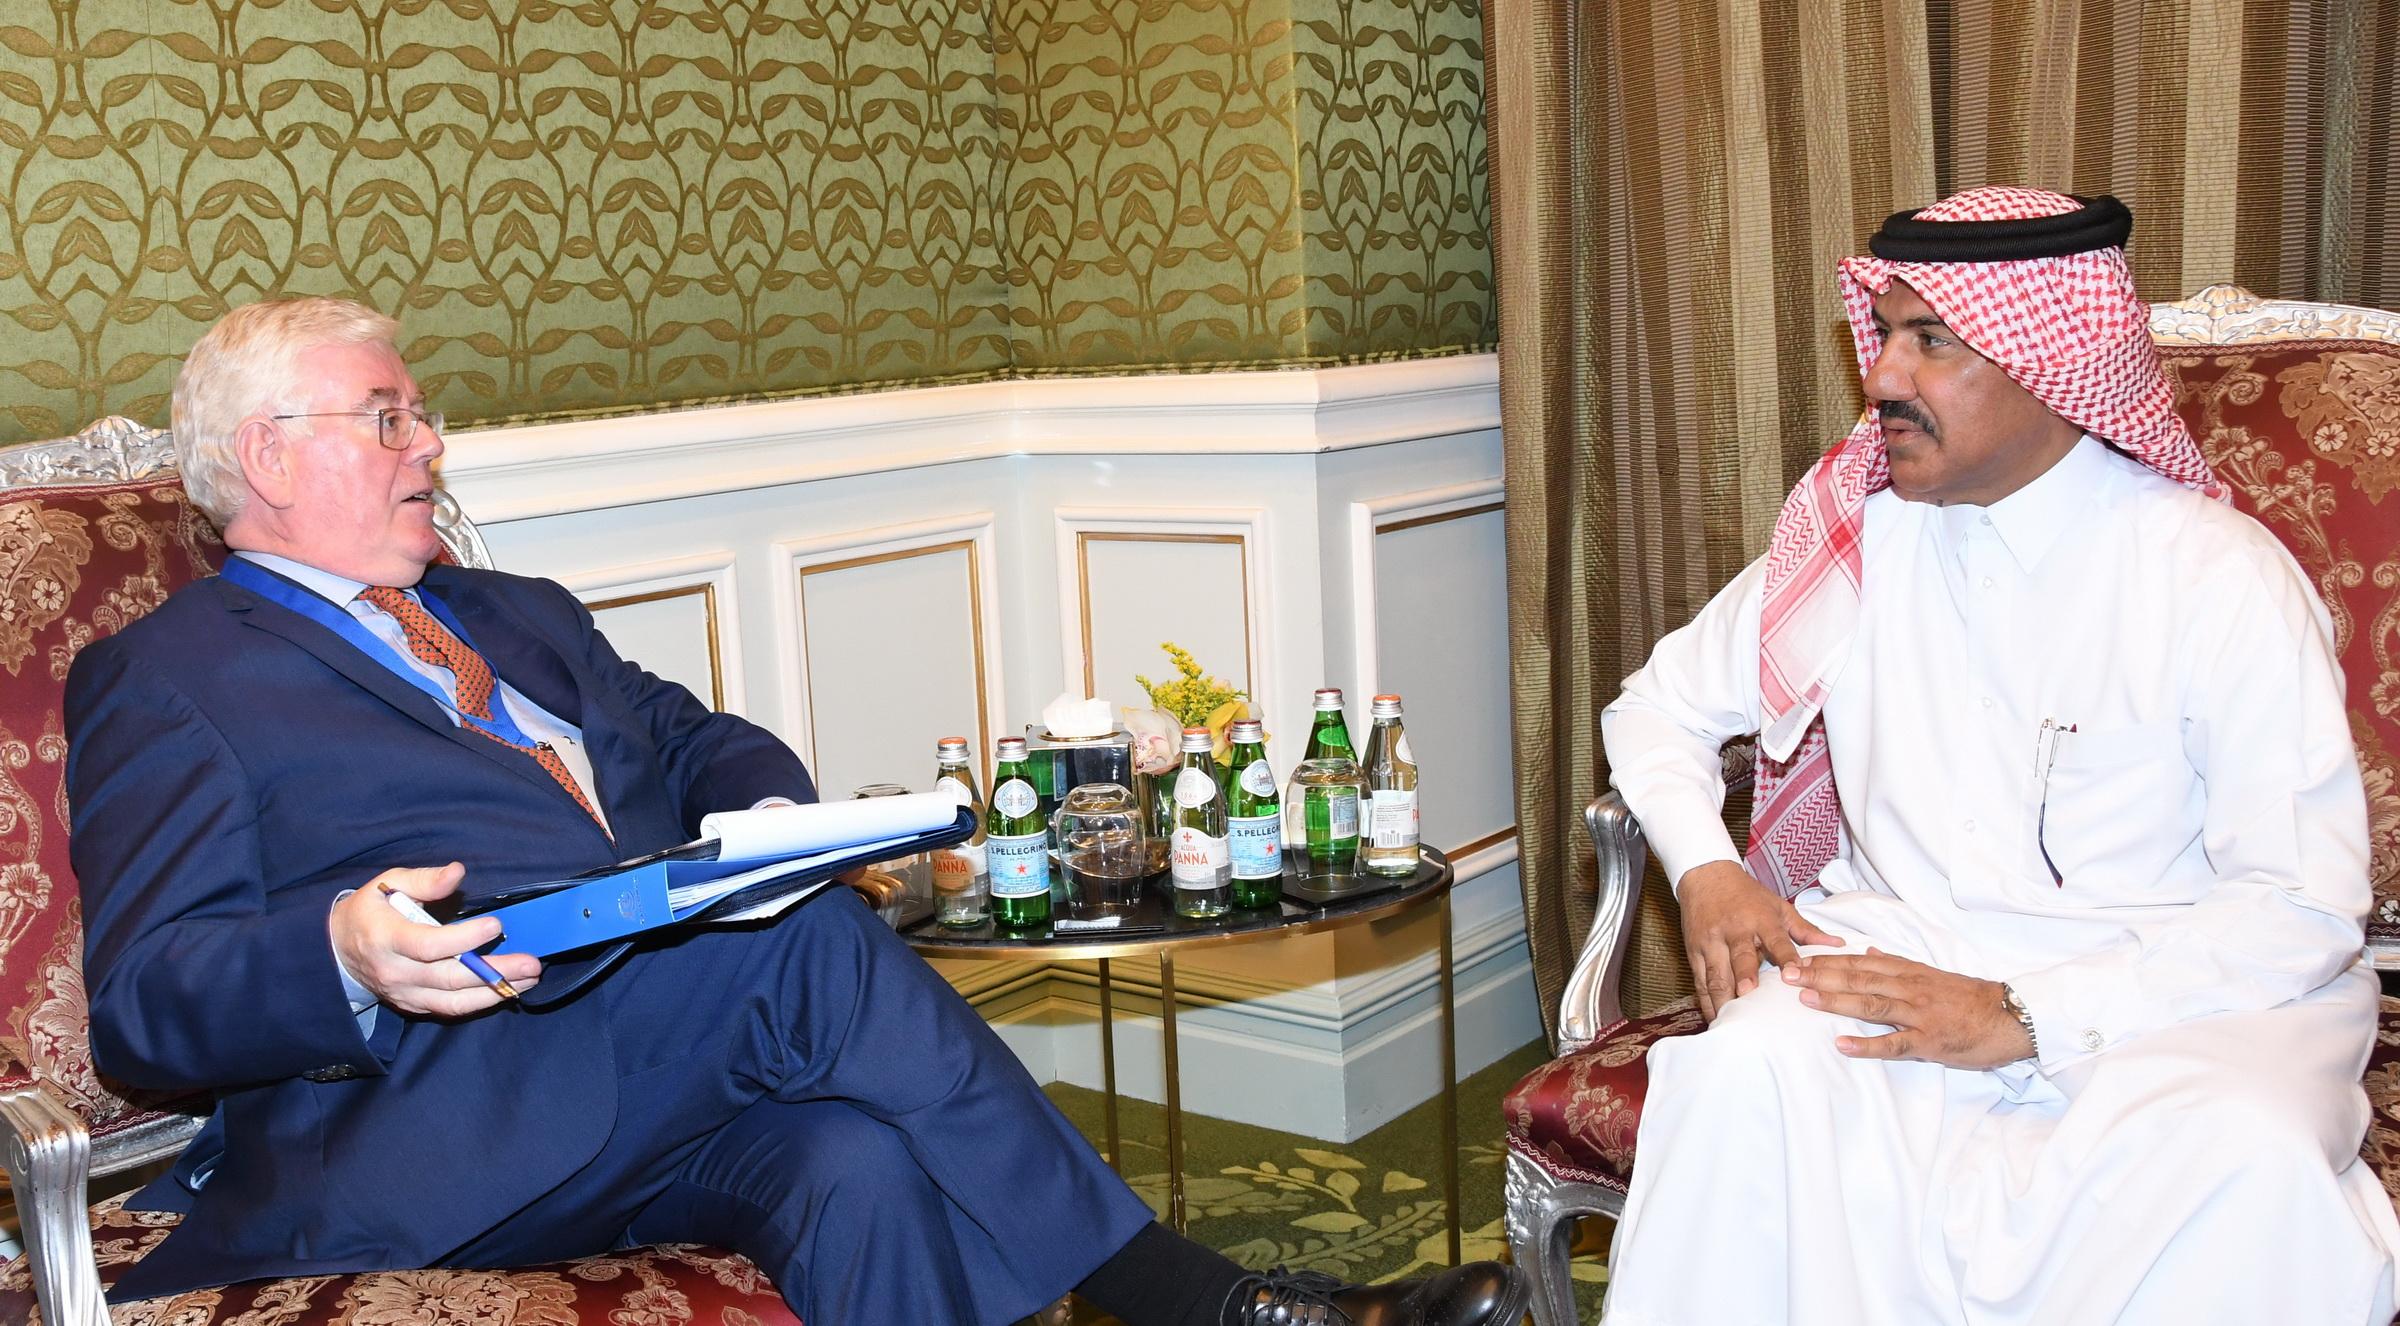 الأمين العام لوزارة الخارجية يجتمع مع عدد من المسؤولين على هامش المؤتمر الدولي حول وسائل التواصل الاجتماعي